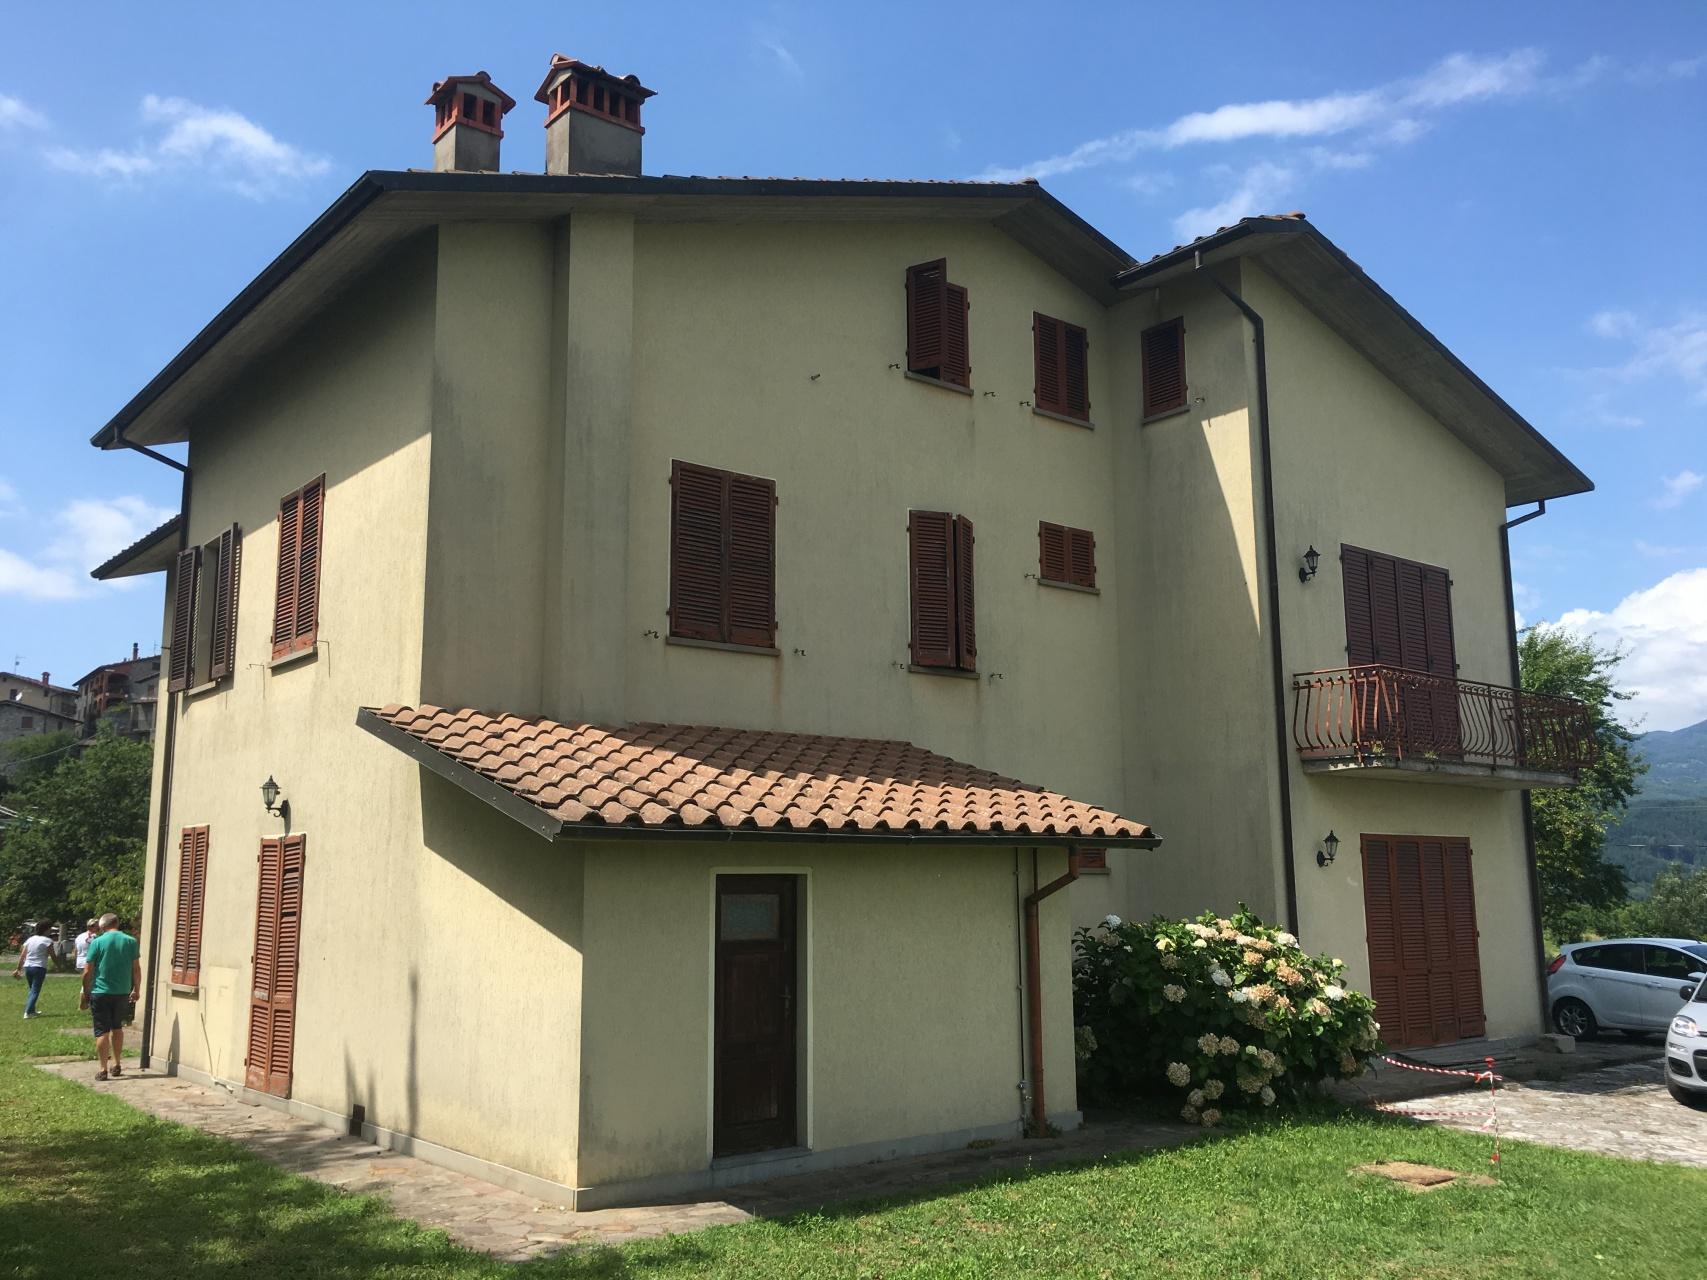 foto In posizione panoramica a 360° sulla vallata…Grananella, Garfagnana, Lucca